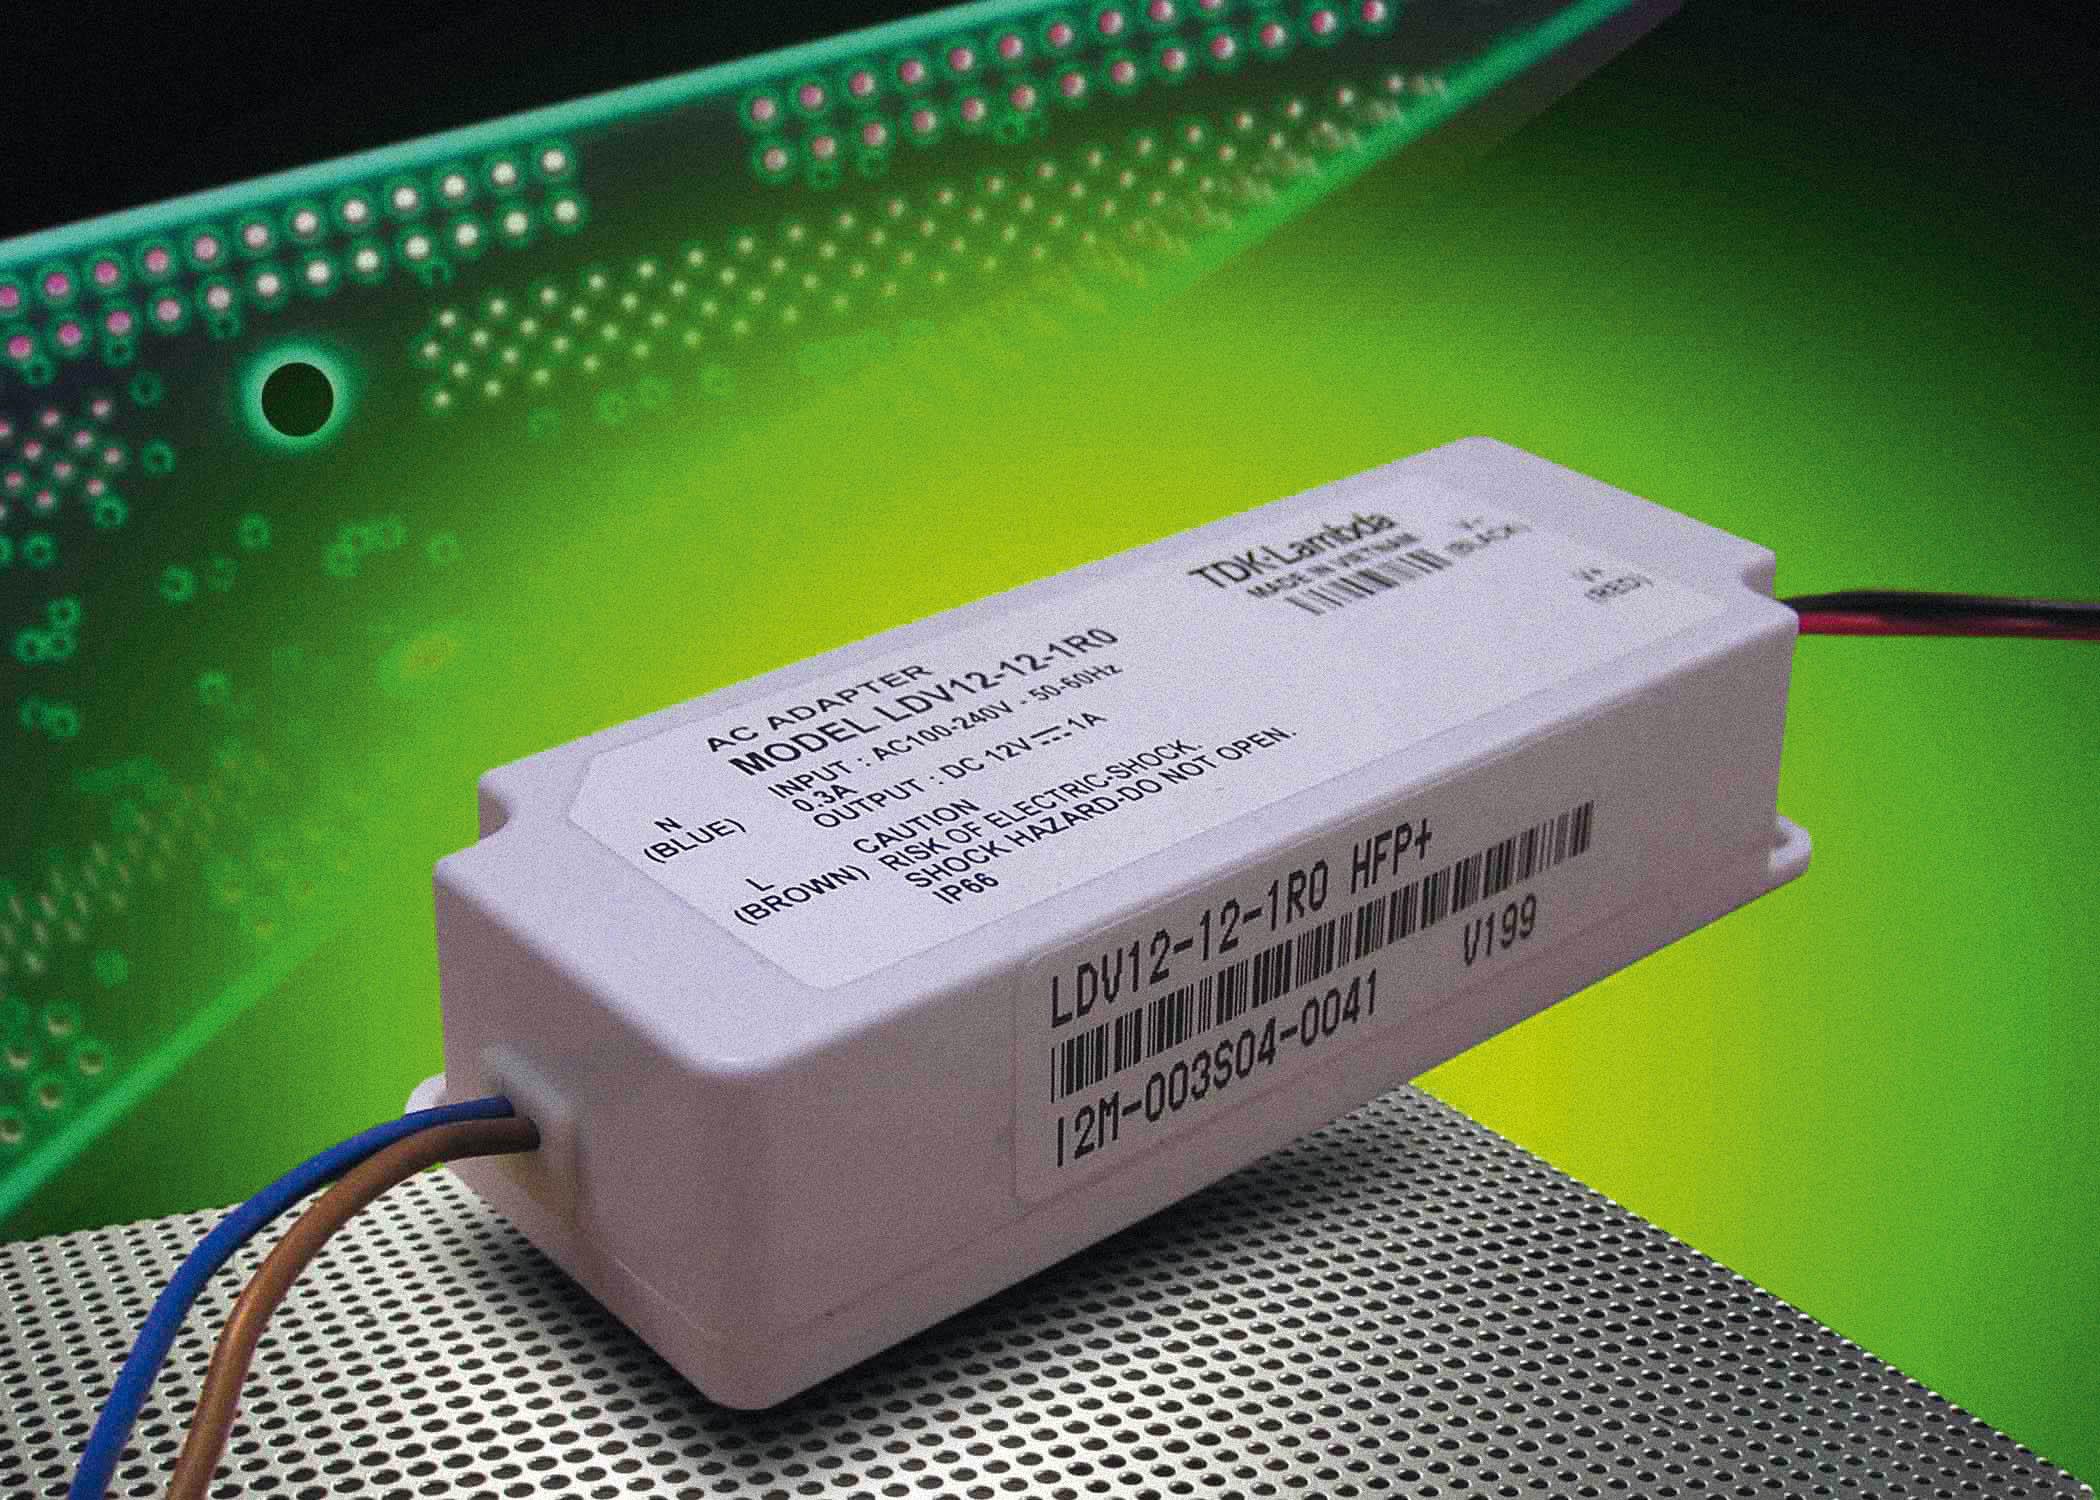 Влагозащищённые 12-Вт источники питания для систем светодиодного освещения от TDK-Lambda